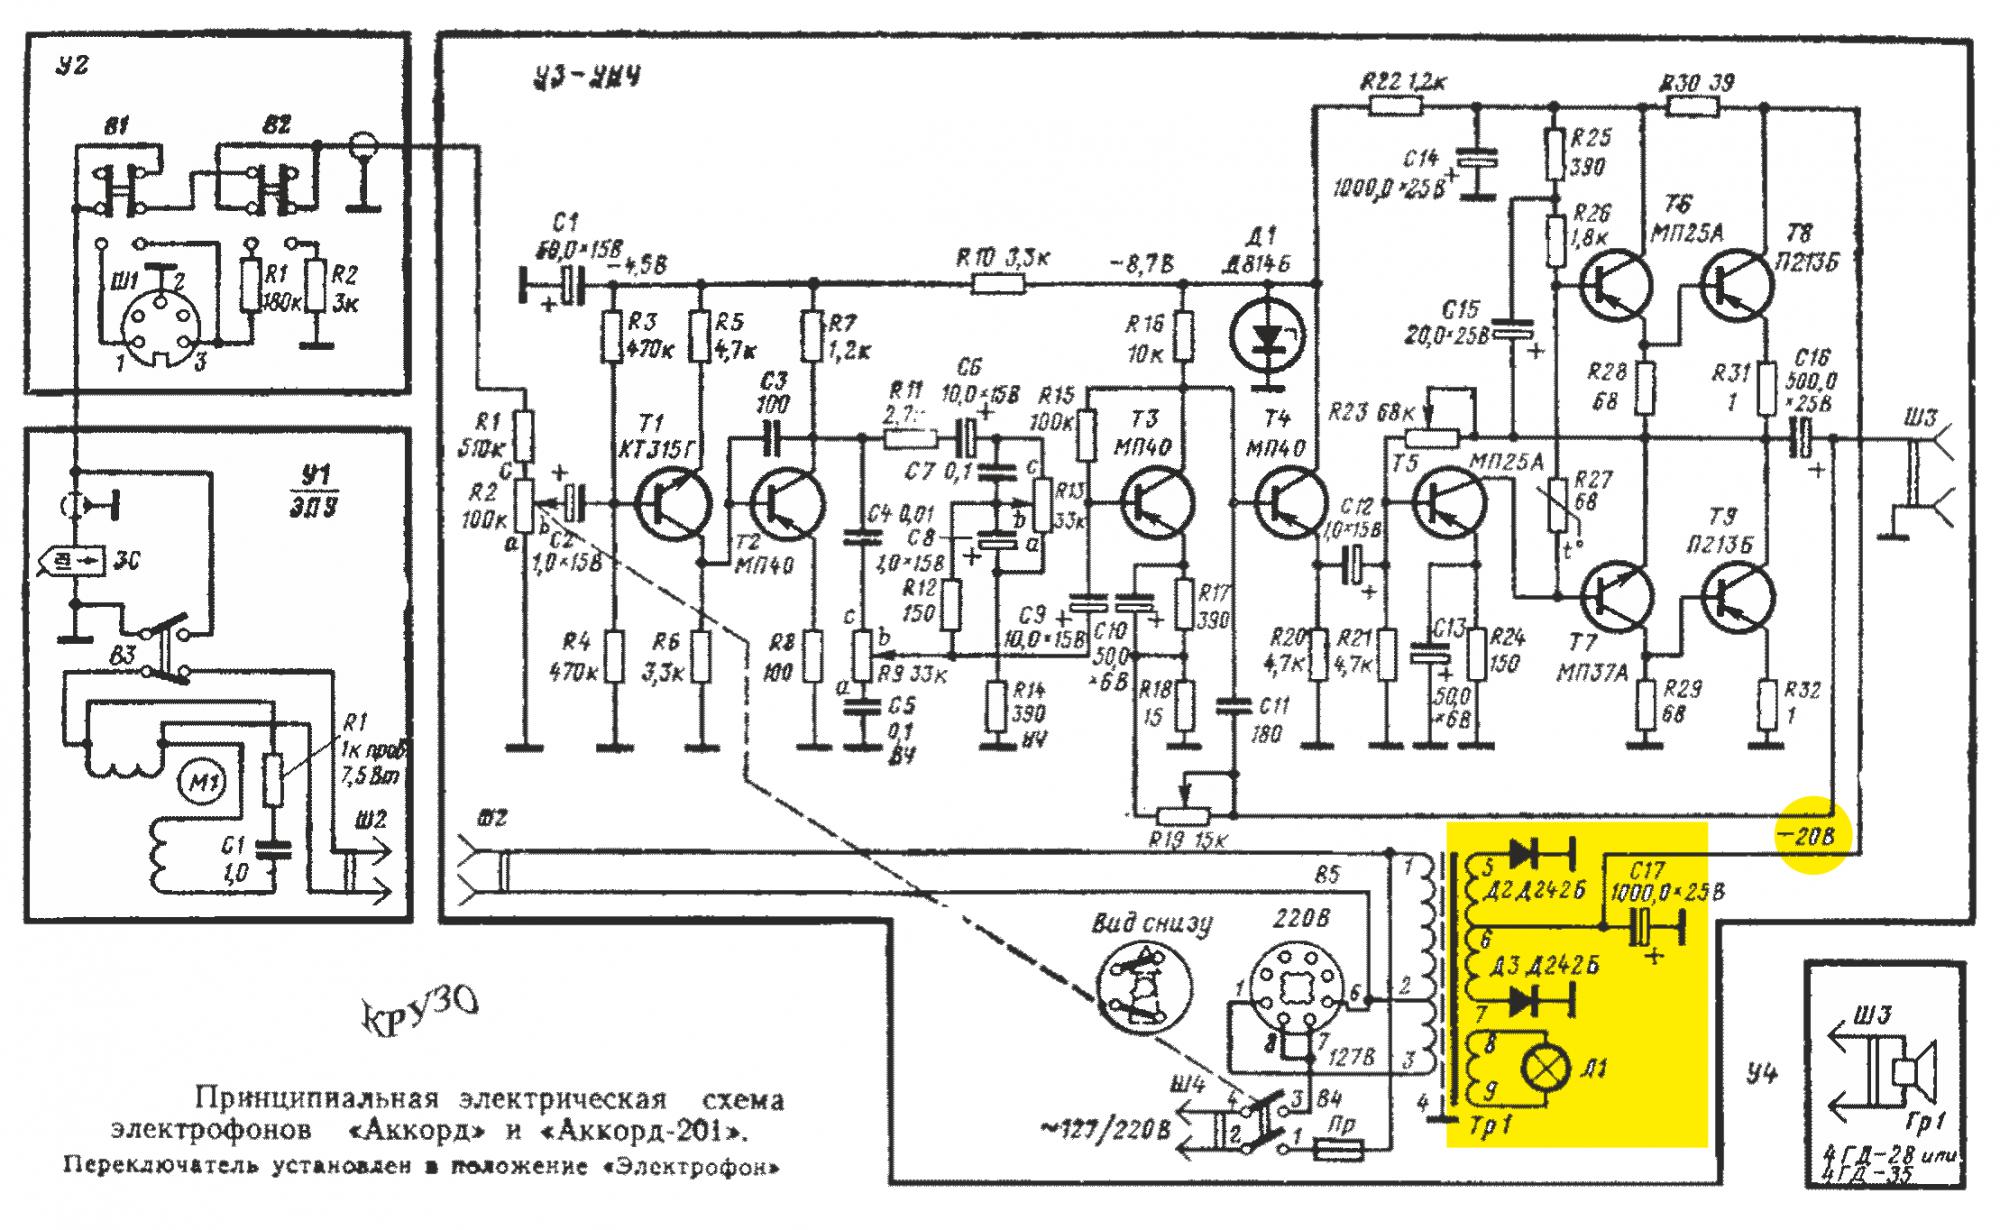 Принципиальные электрические схемы проигрывателей